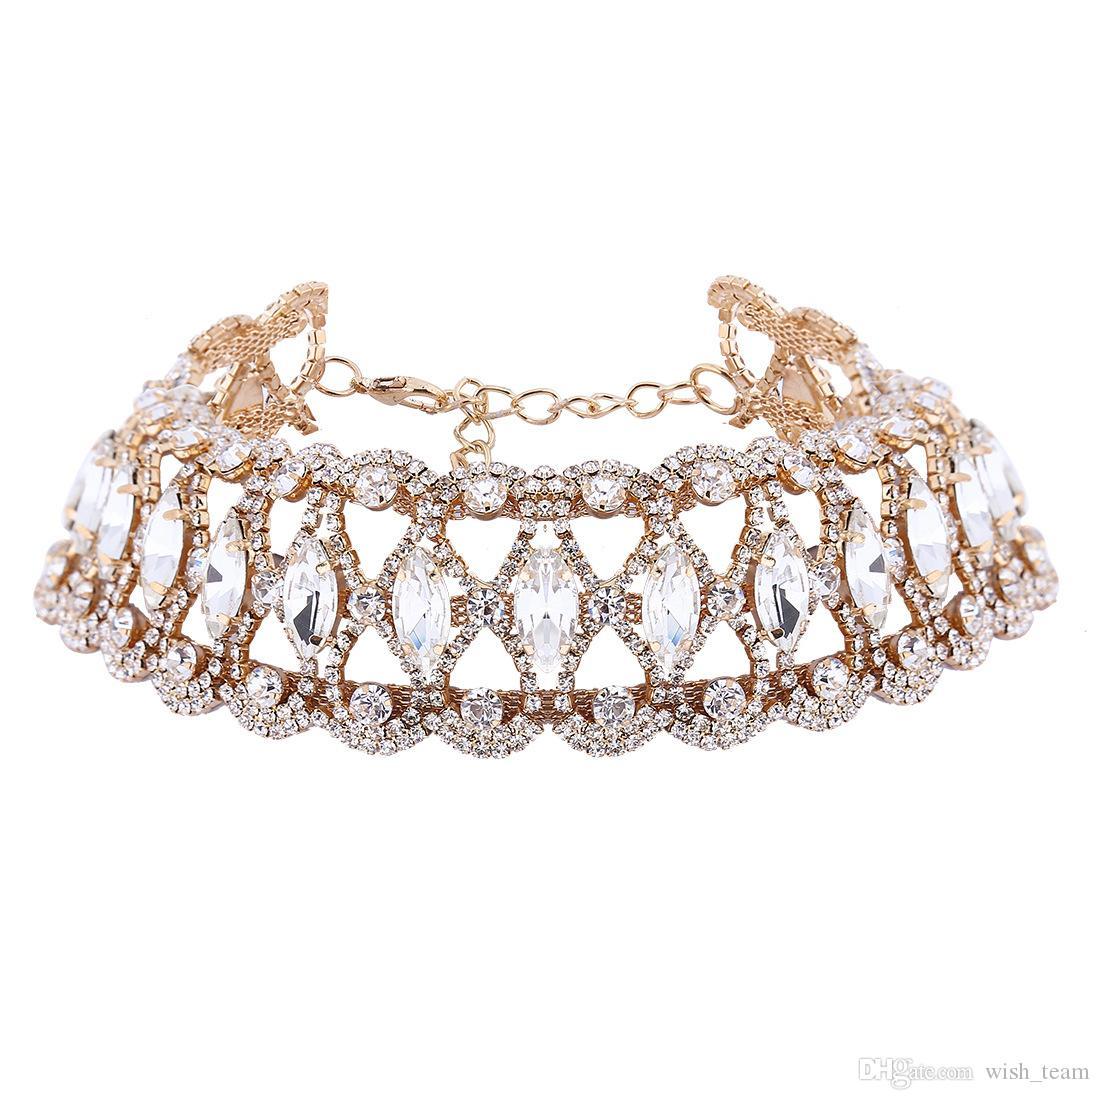 Gargantilla grande de diamantes de imitación de la moda Collar de declaración de cristal Mujeres Chockers Collar fornido Collier Joyería de la boda